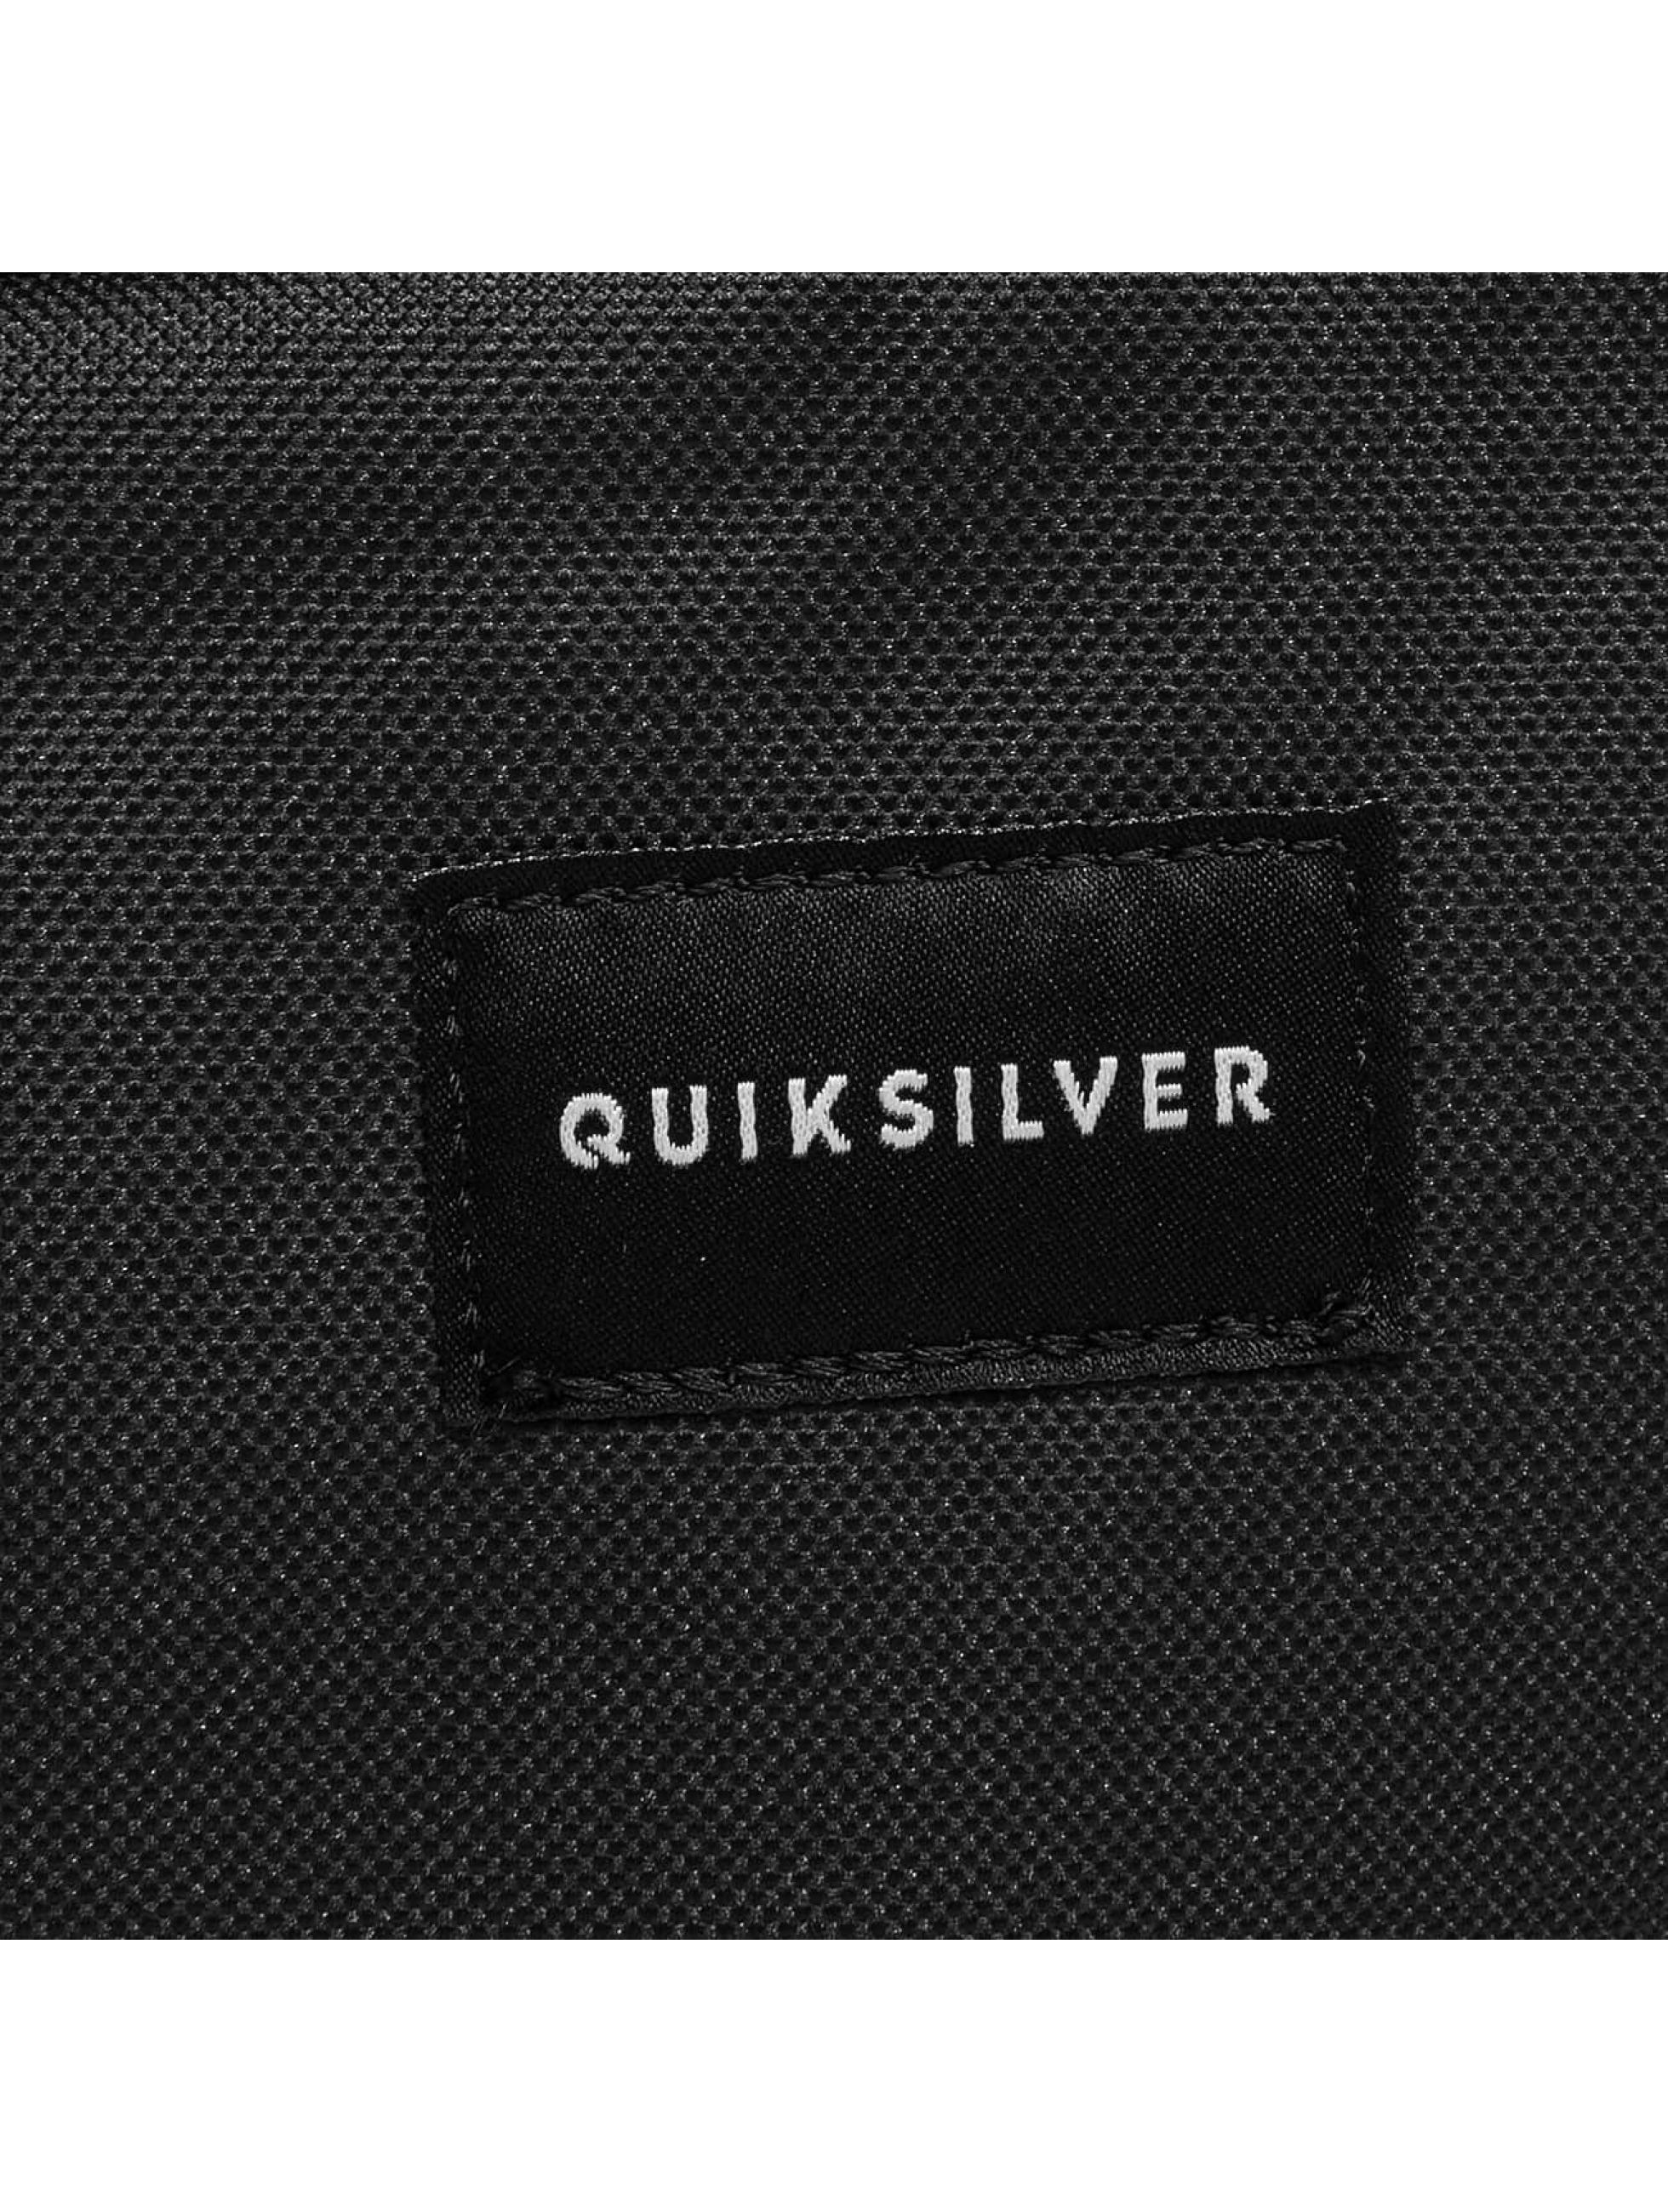 Quiksilver Sac à Dos 1969 Special noir